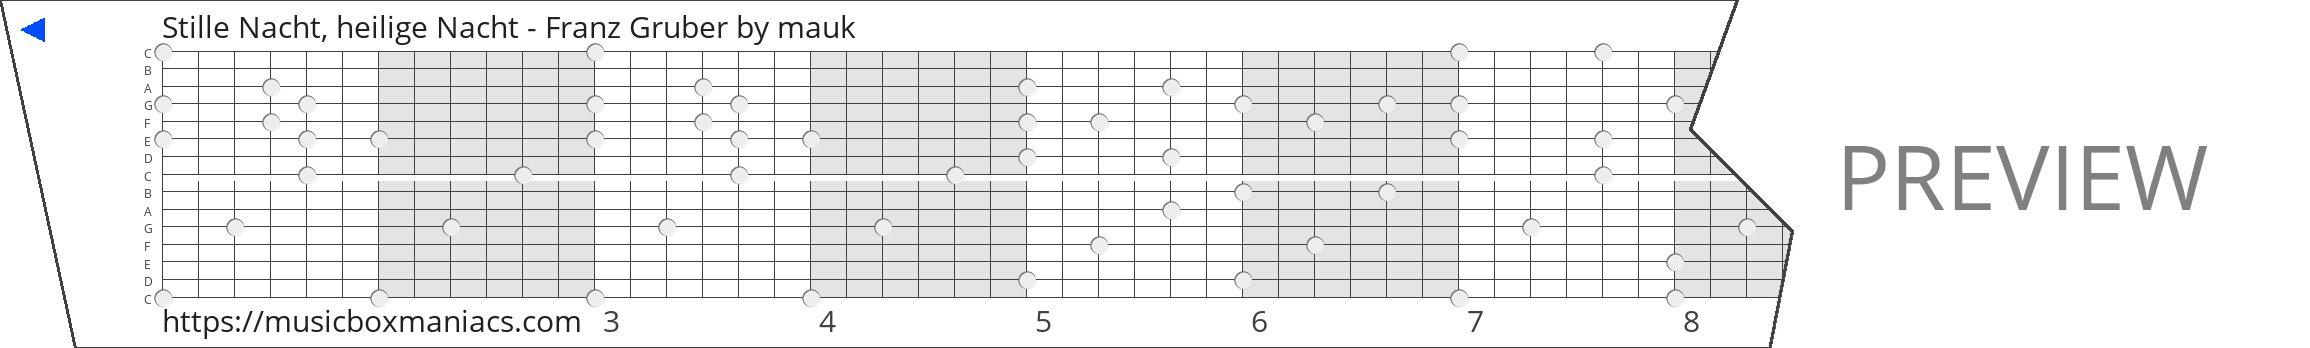 Stille Nacht, heilige Nacht - Franz Gruber 15 note music box paper strip